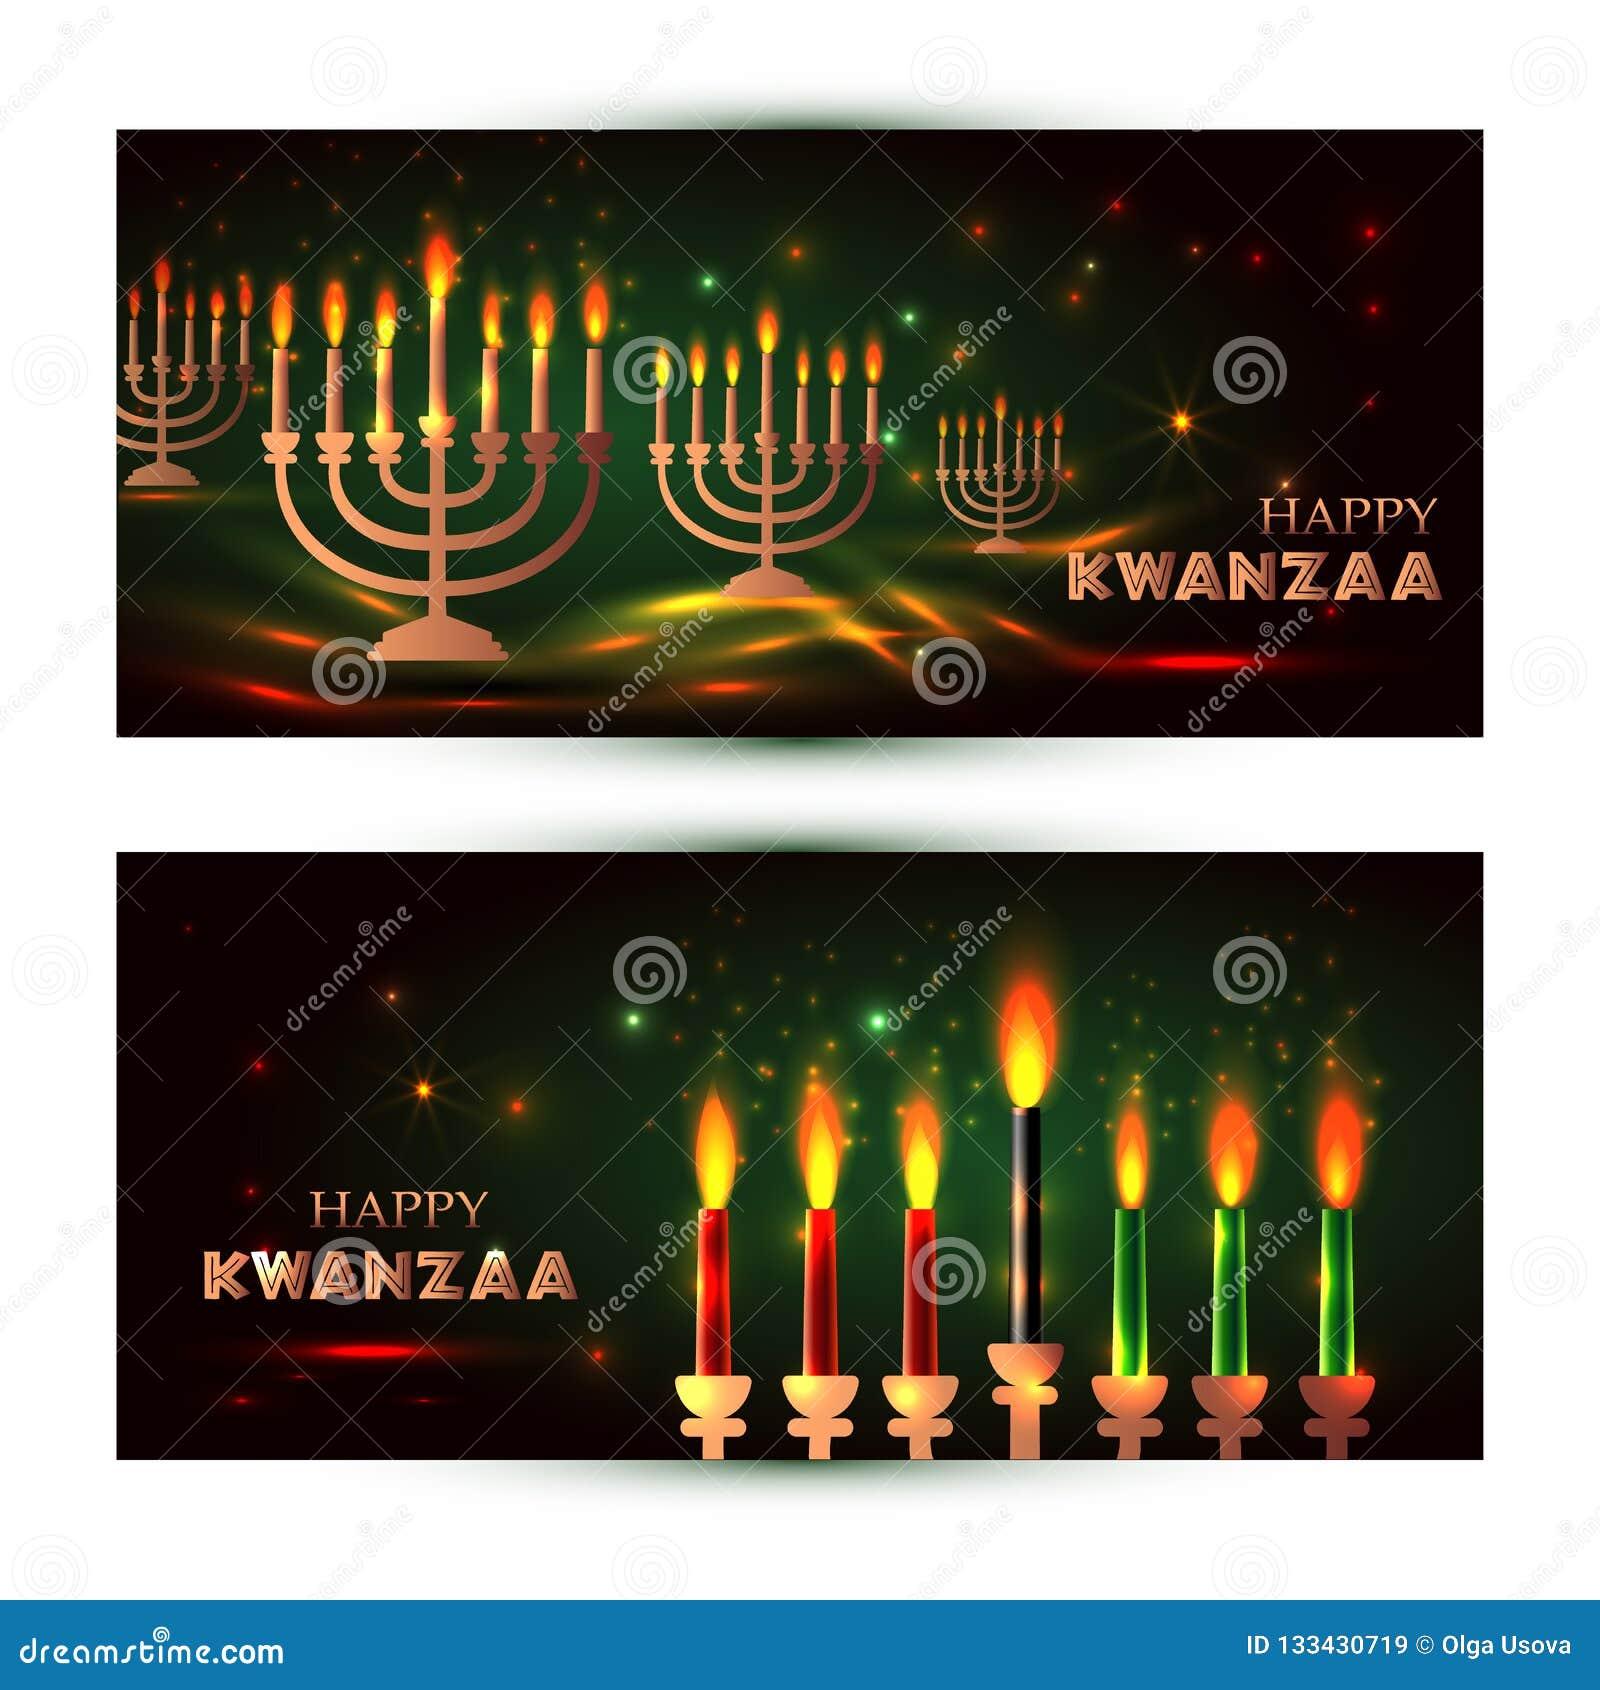 夸尼扎的水平的代表七位原则或Nguzo萨巴的横幅与传统上色和蜡烛